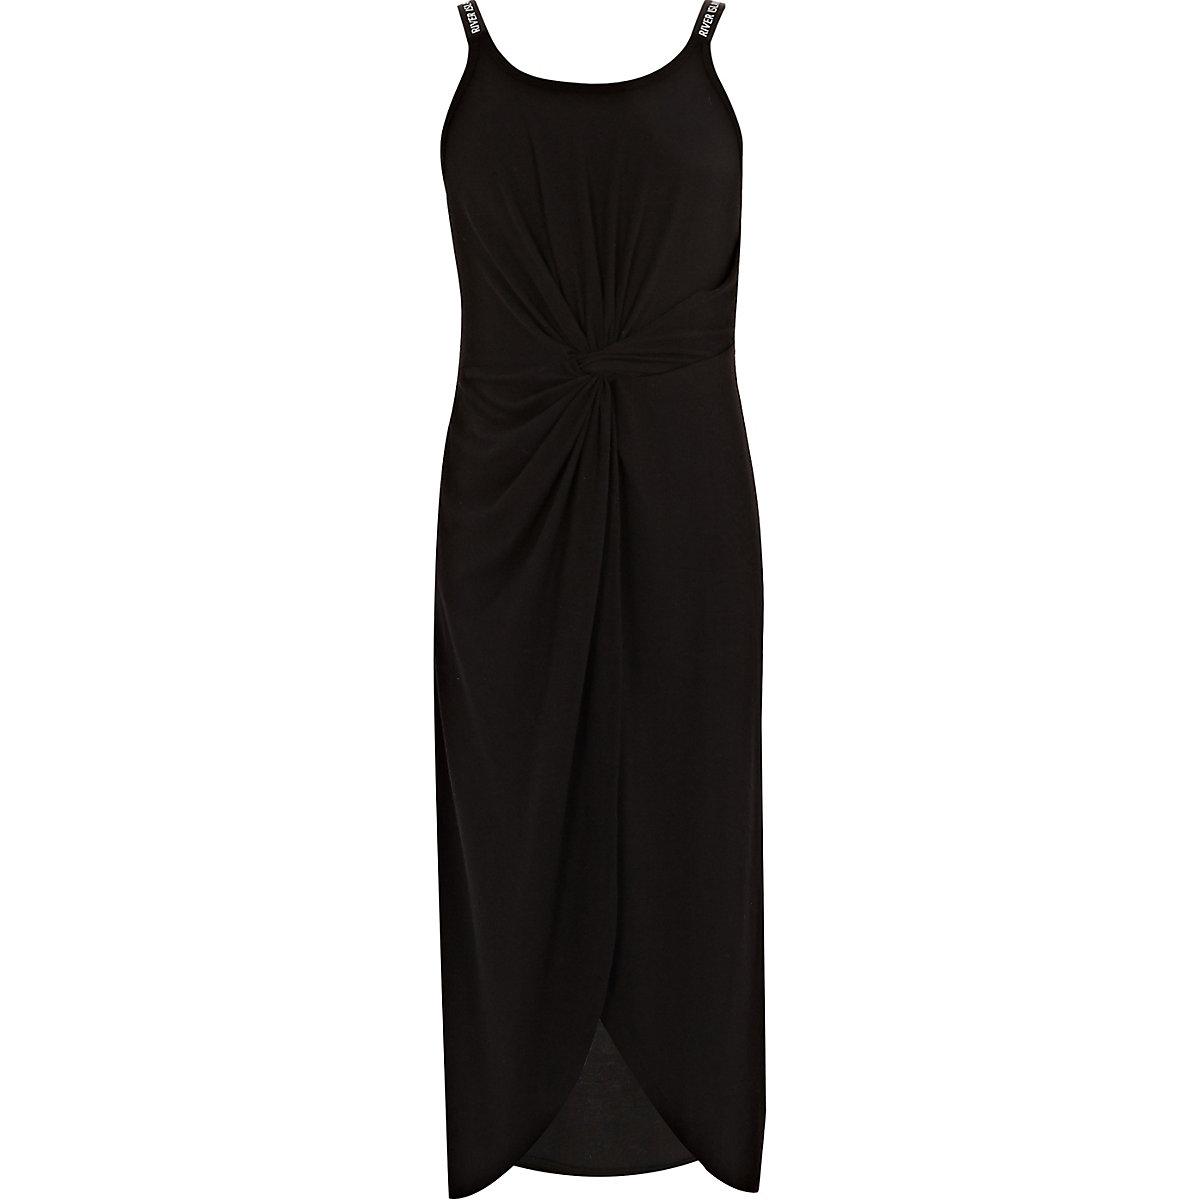 Girls black RI knot front midi dress